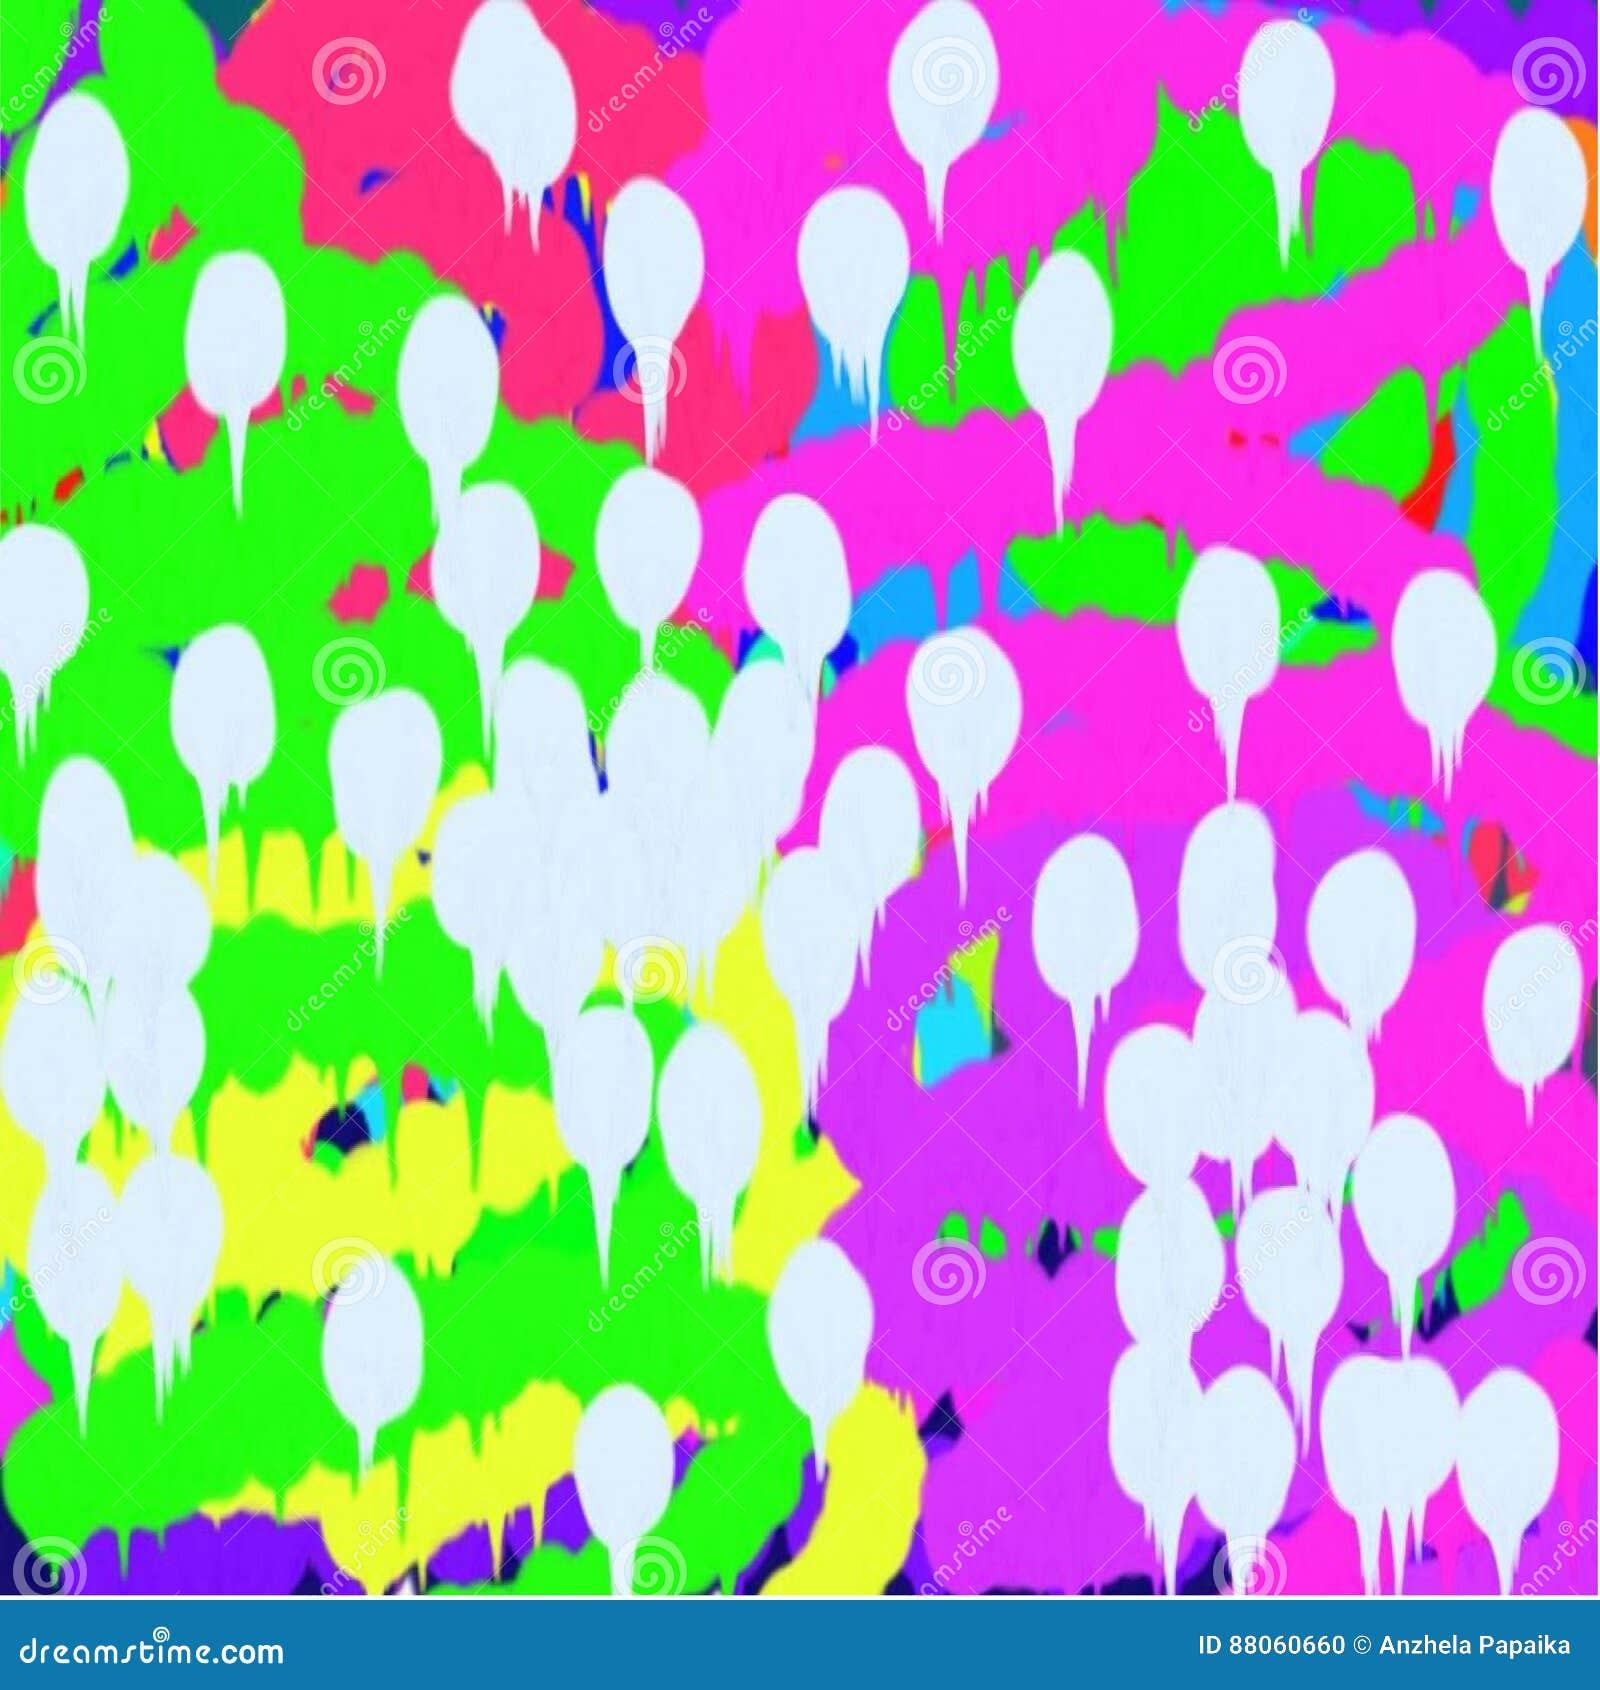 Fundo de linhas verdes e azuis e cor-de-rosa e pontos brancos da pintura de fluxo difusa